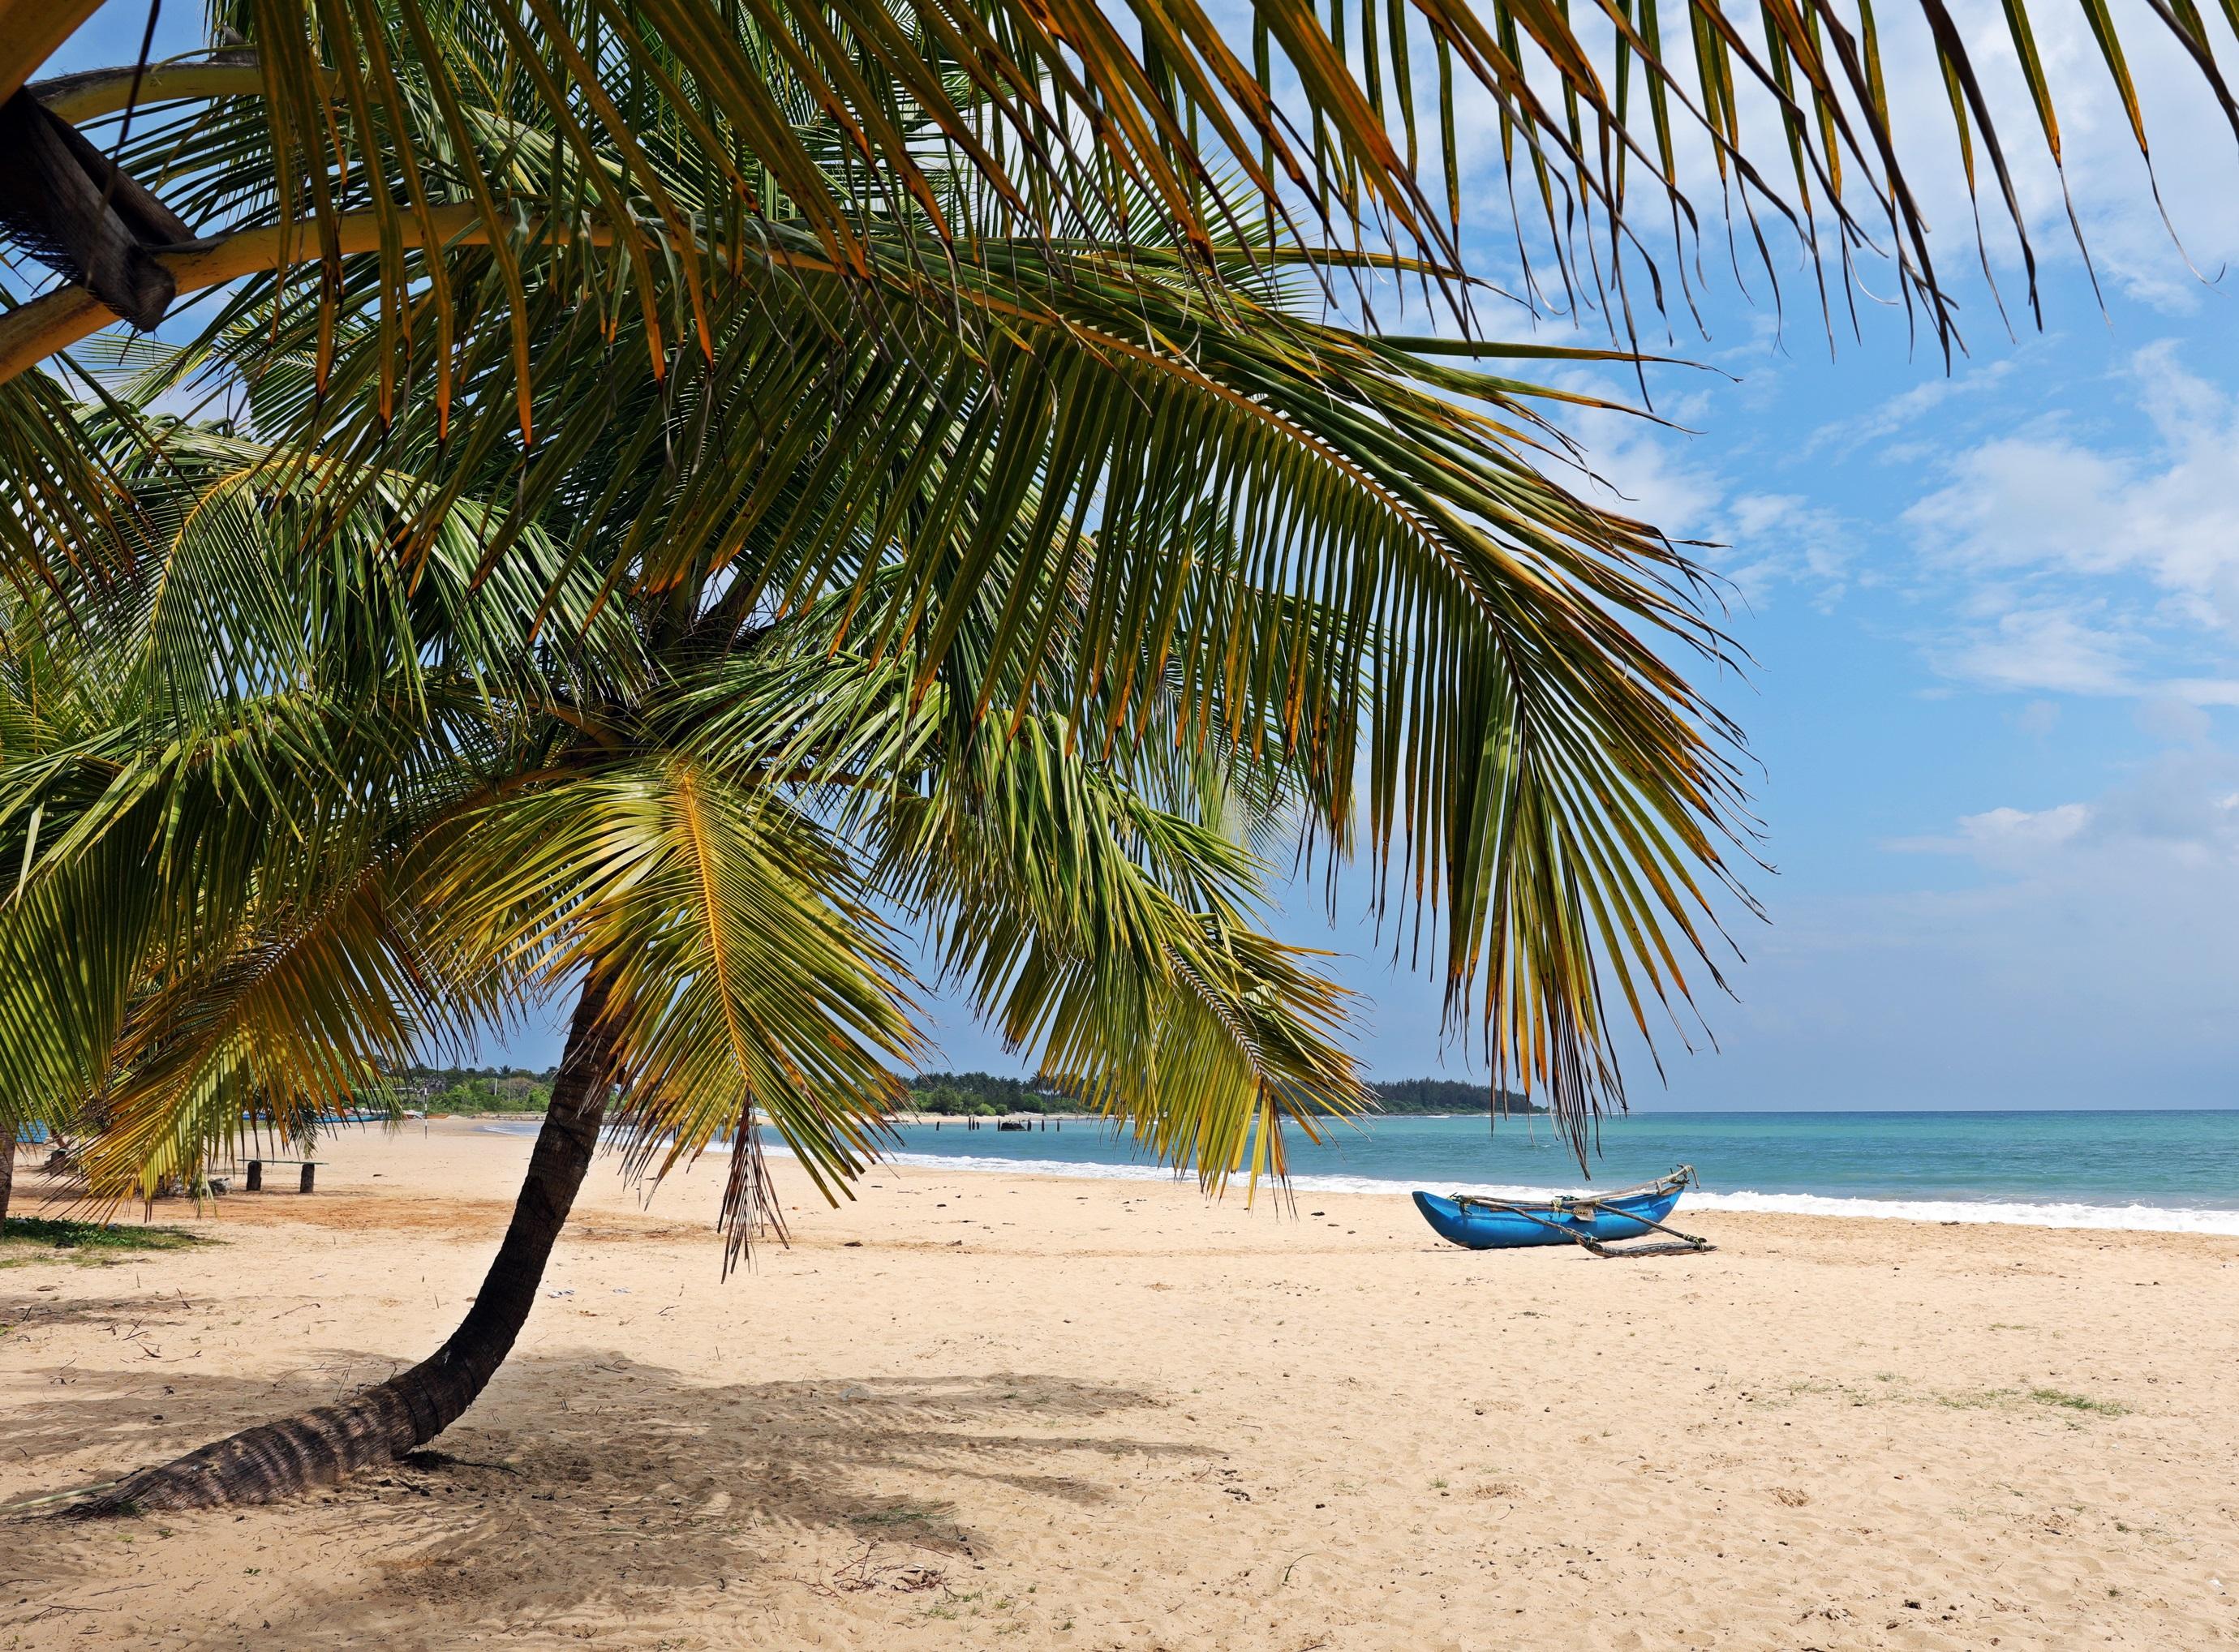 Kalkudah beach, Sri Lanka